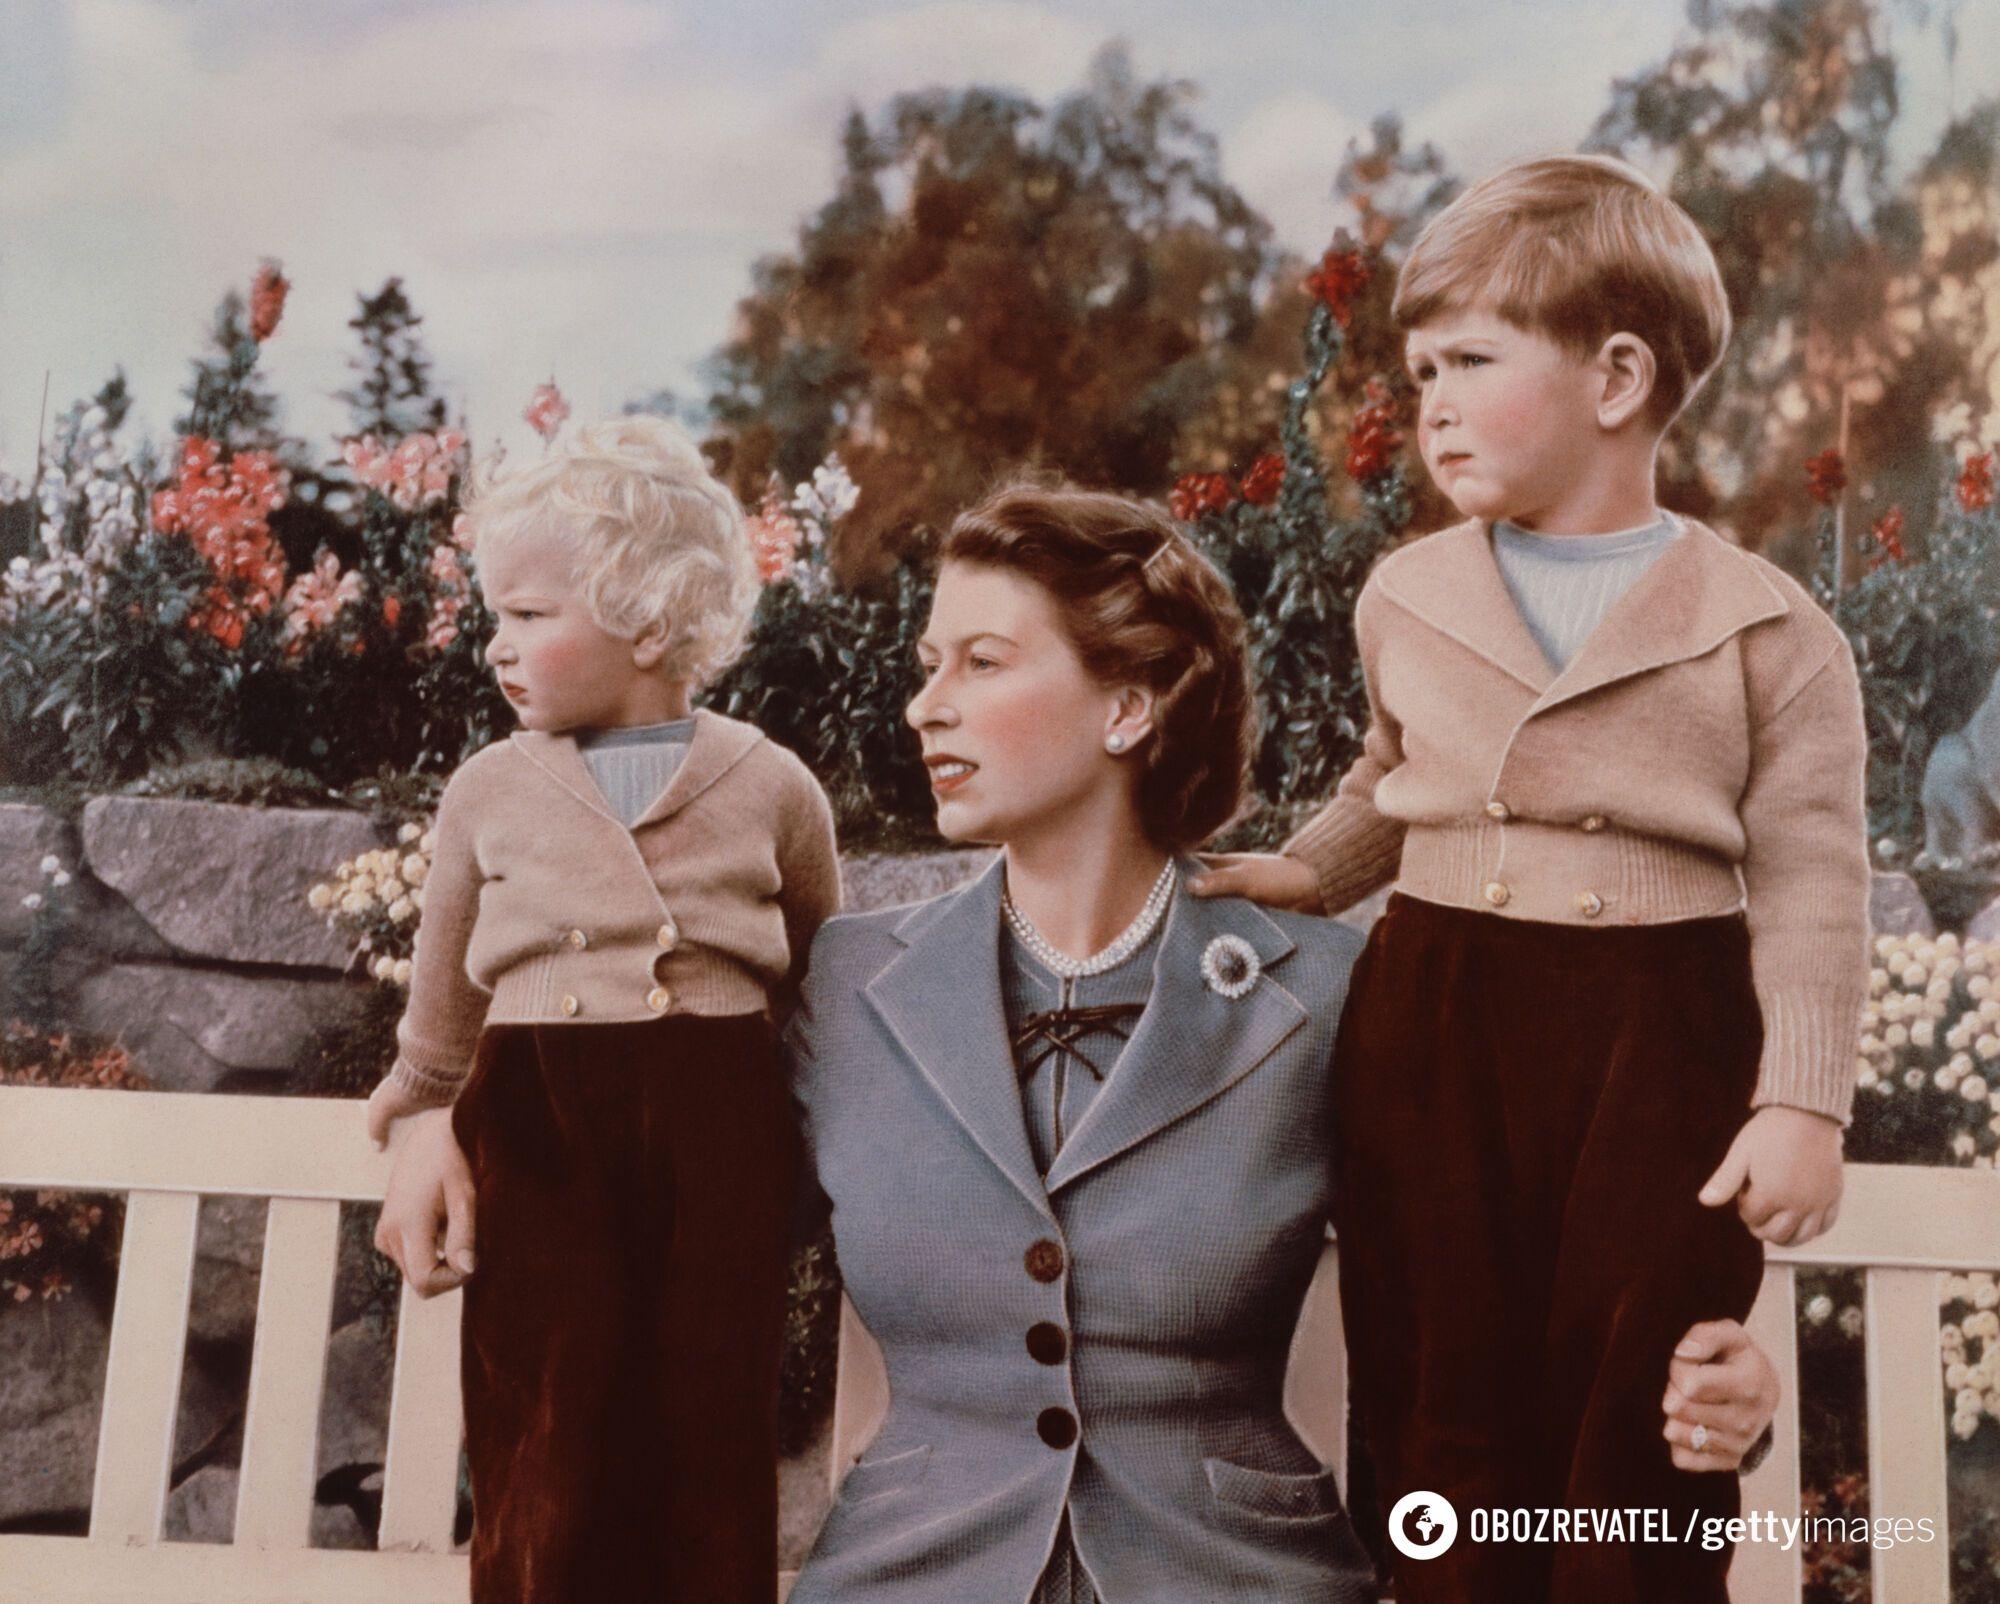 Єлизавета і Філіп виховали чотирьох дітей